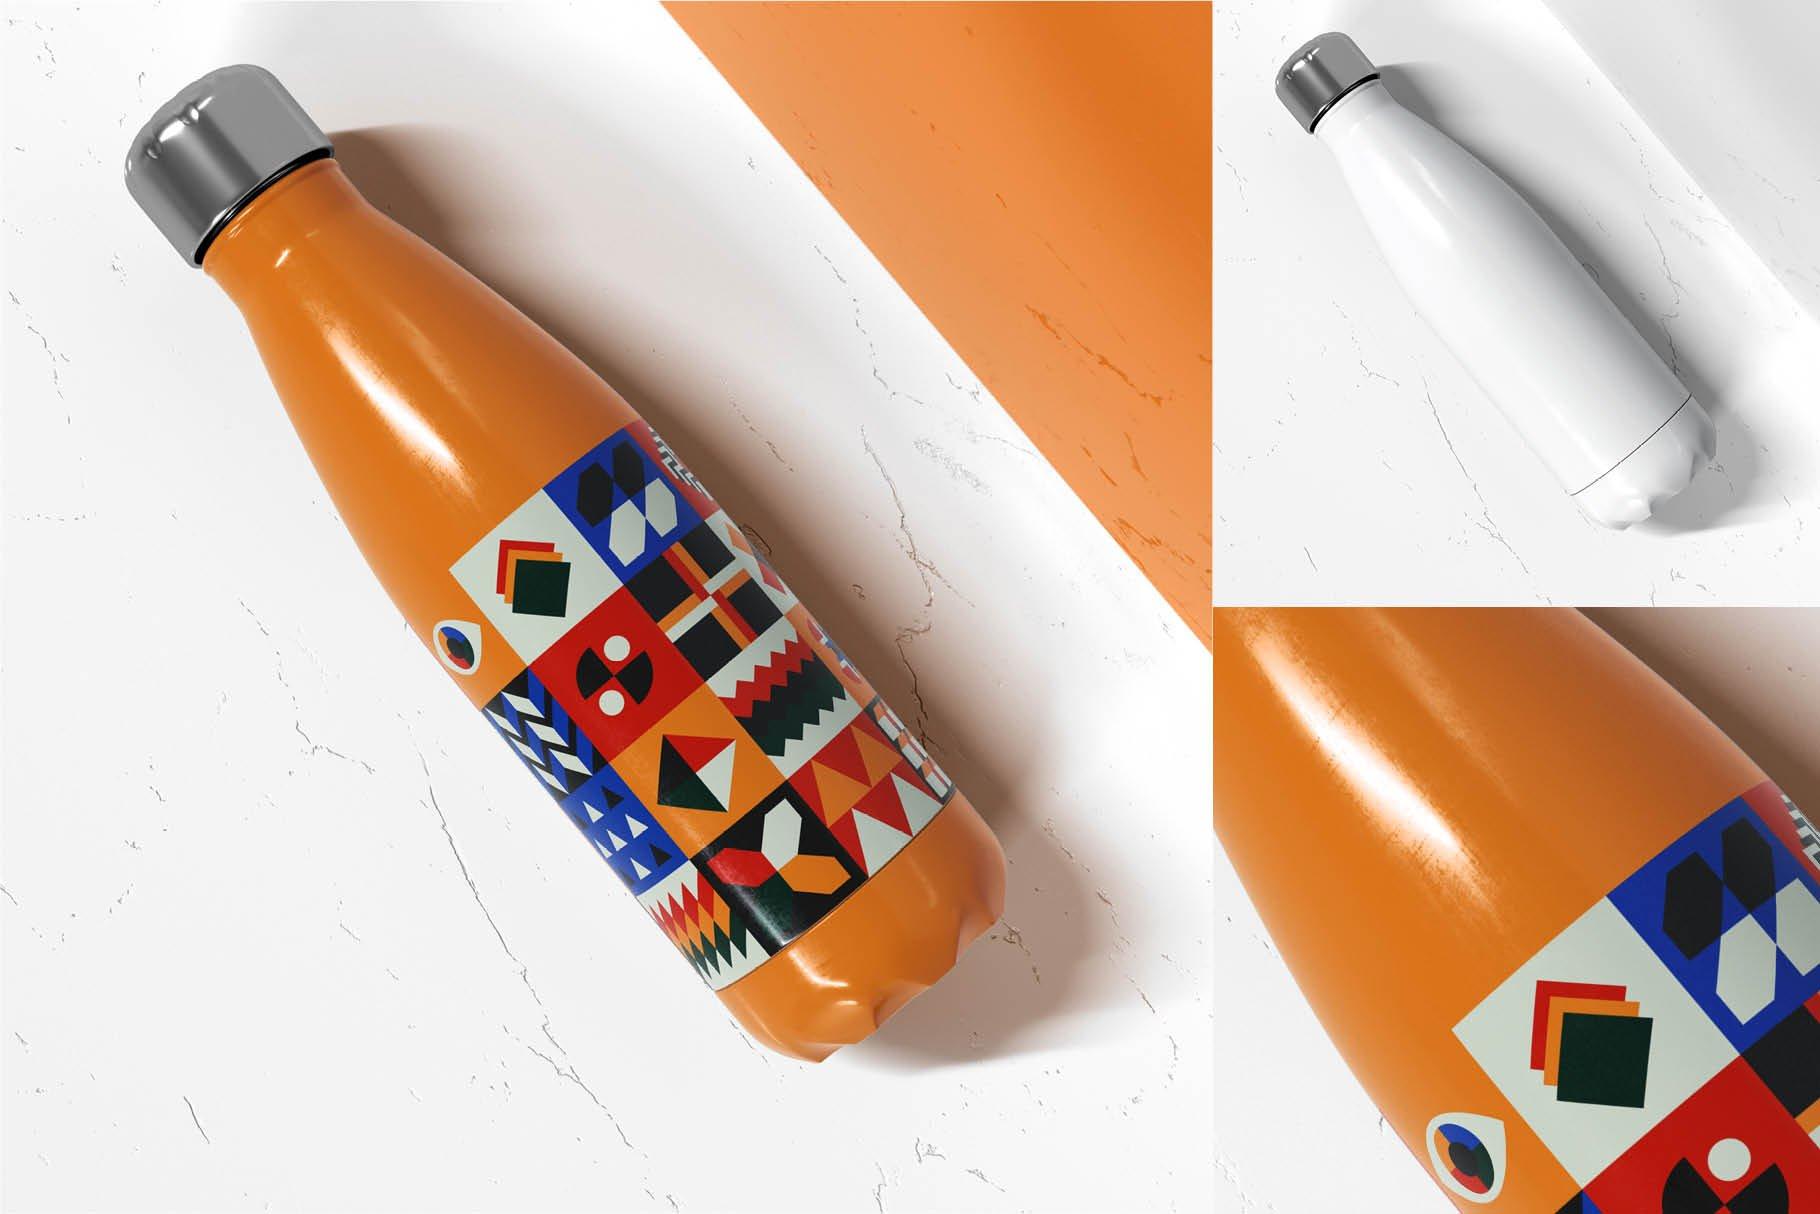 时尚不锈钢保温水瓶外观设计PS贴图样机 Stainless Steel Bottle Mock-up插图6